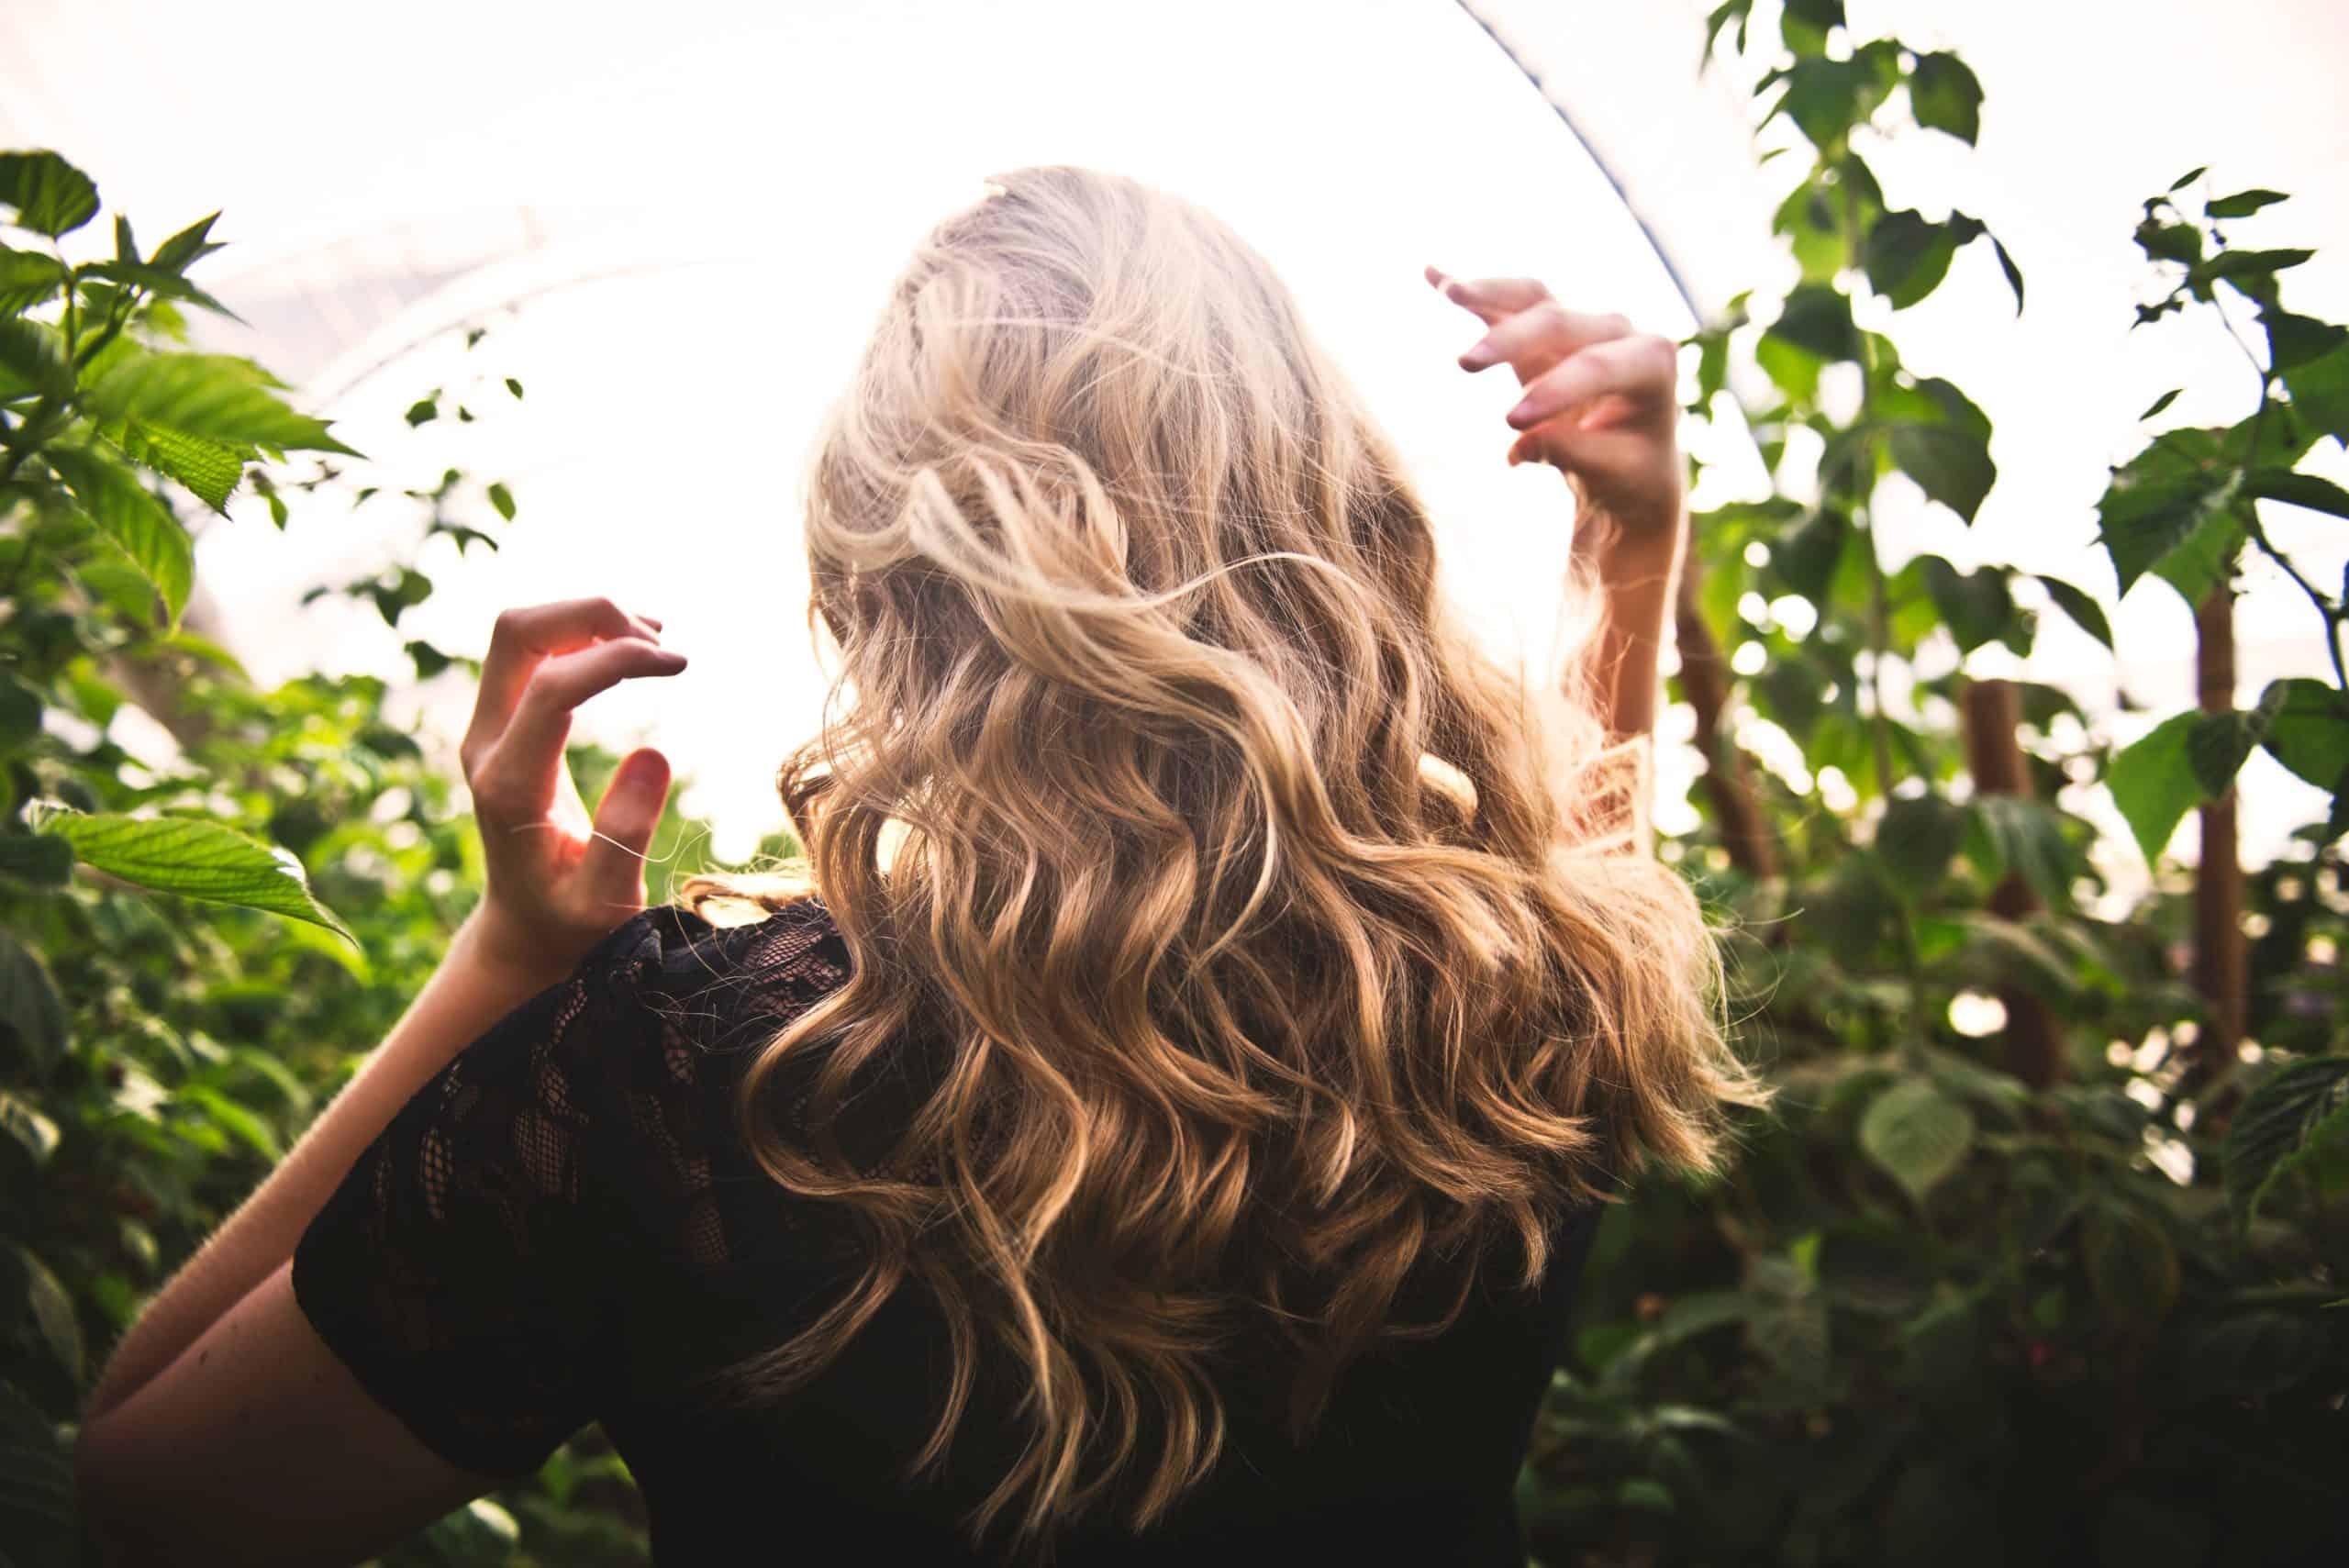 bien entretenir ses cheveux